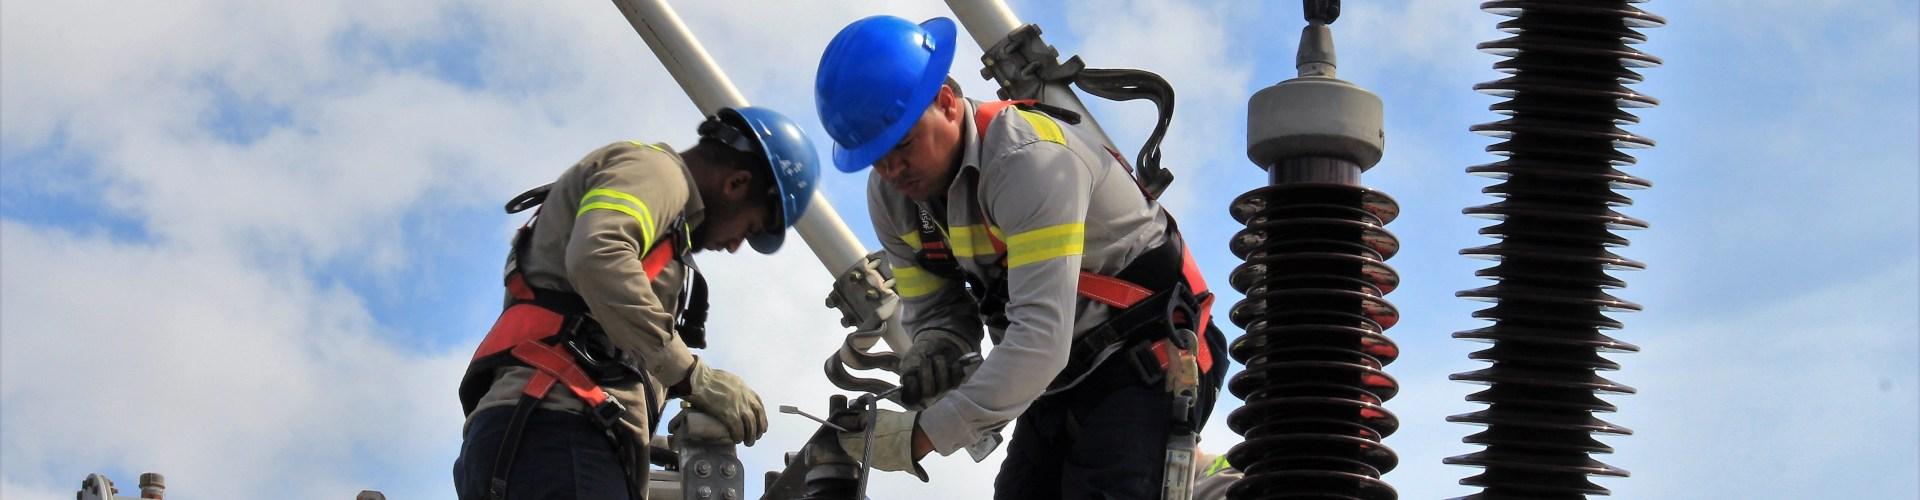 Suspensiones eléctricas sectores SFM